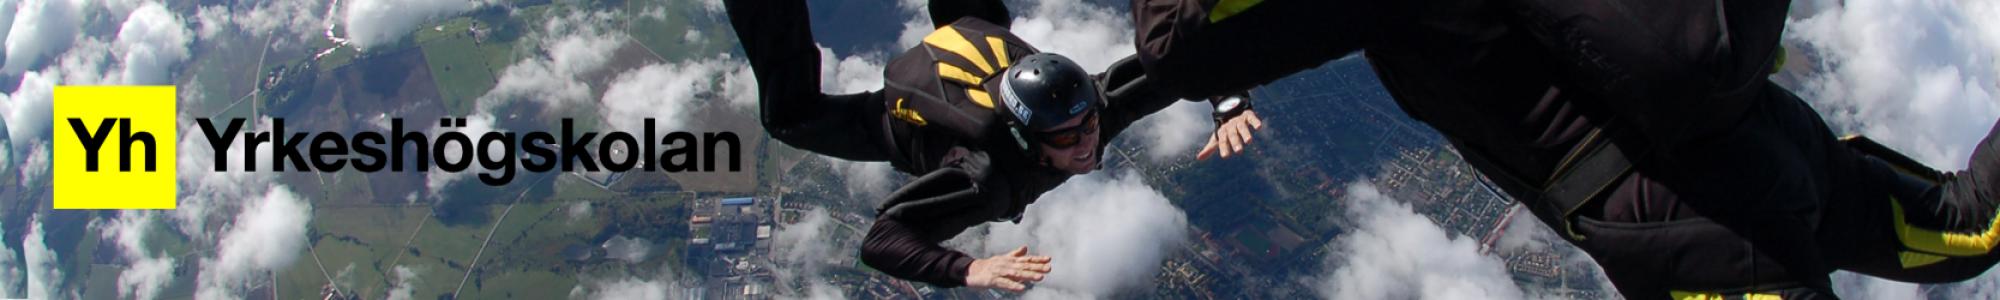 Foto på två fallskärmshoppare och Yrkeshögskolans logga